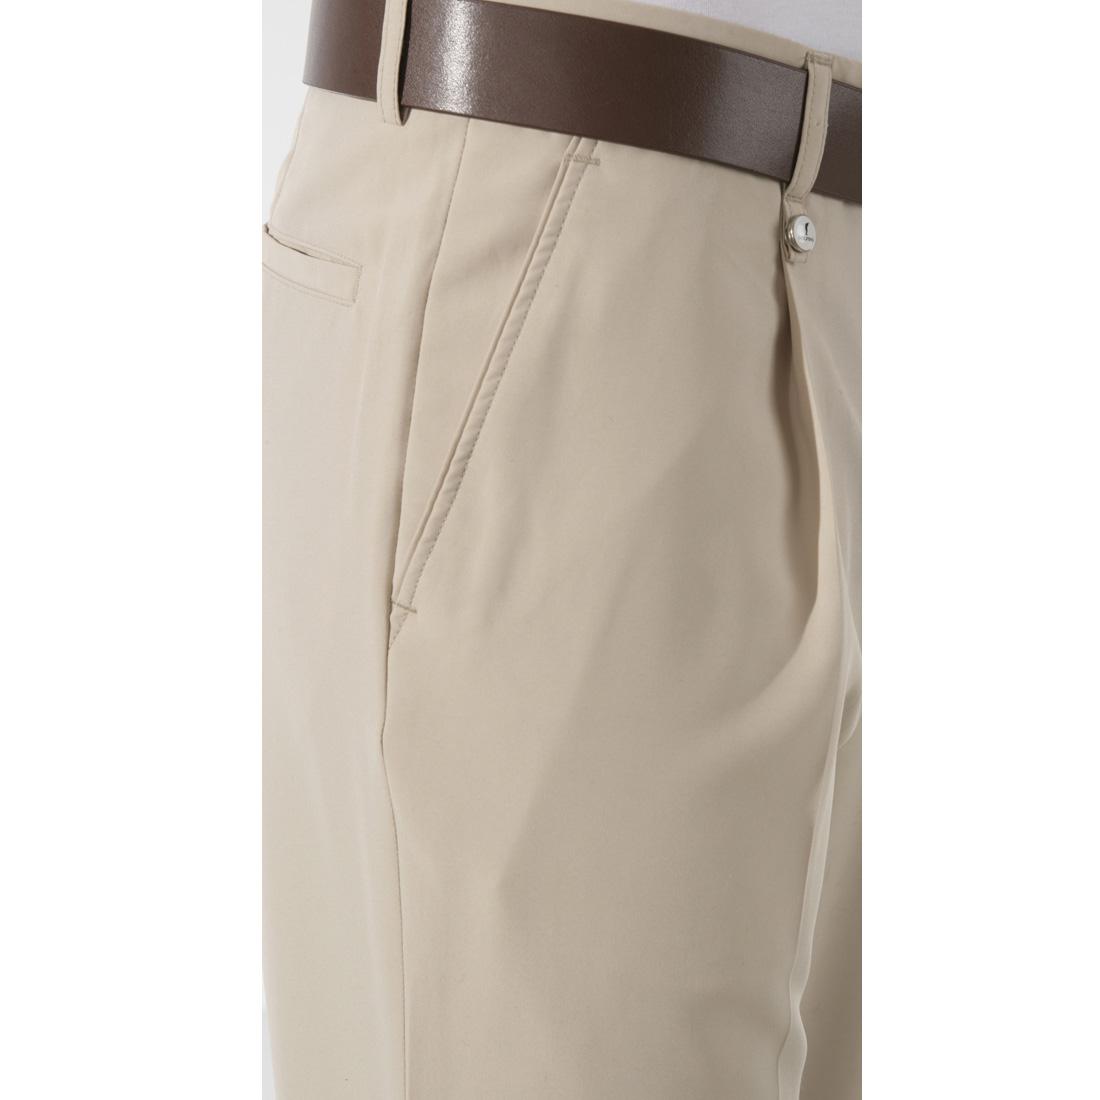 Klassische Herrenhose mit Bundfalte